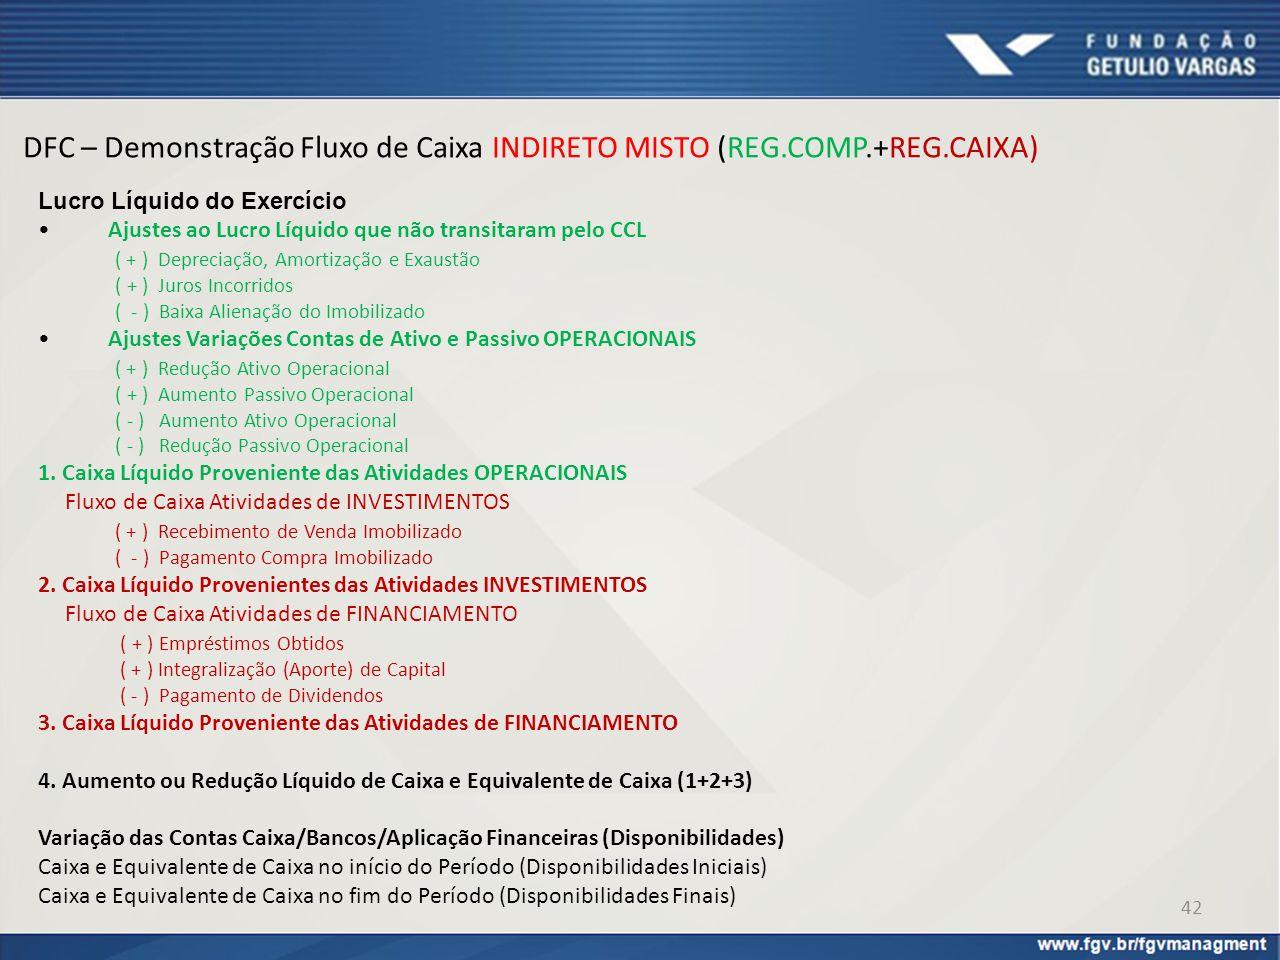 DFC – Demonstração Fluxo de Caixa INDIRETO MISTO (REG.COMP.+REG.CAIXA) Lucro Líquido do Exercício Ajustes ao Lucro Líquido que não transitaram pelo CC